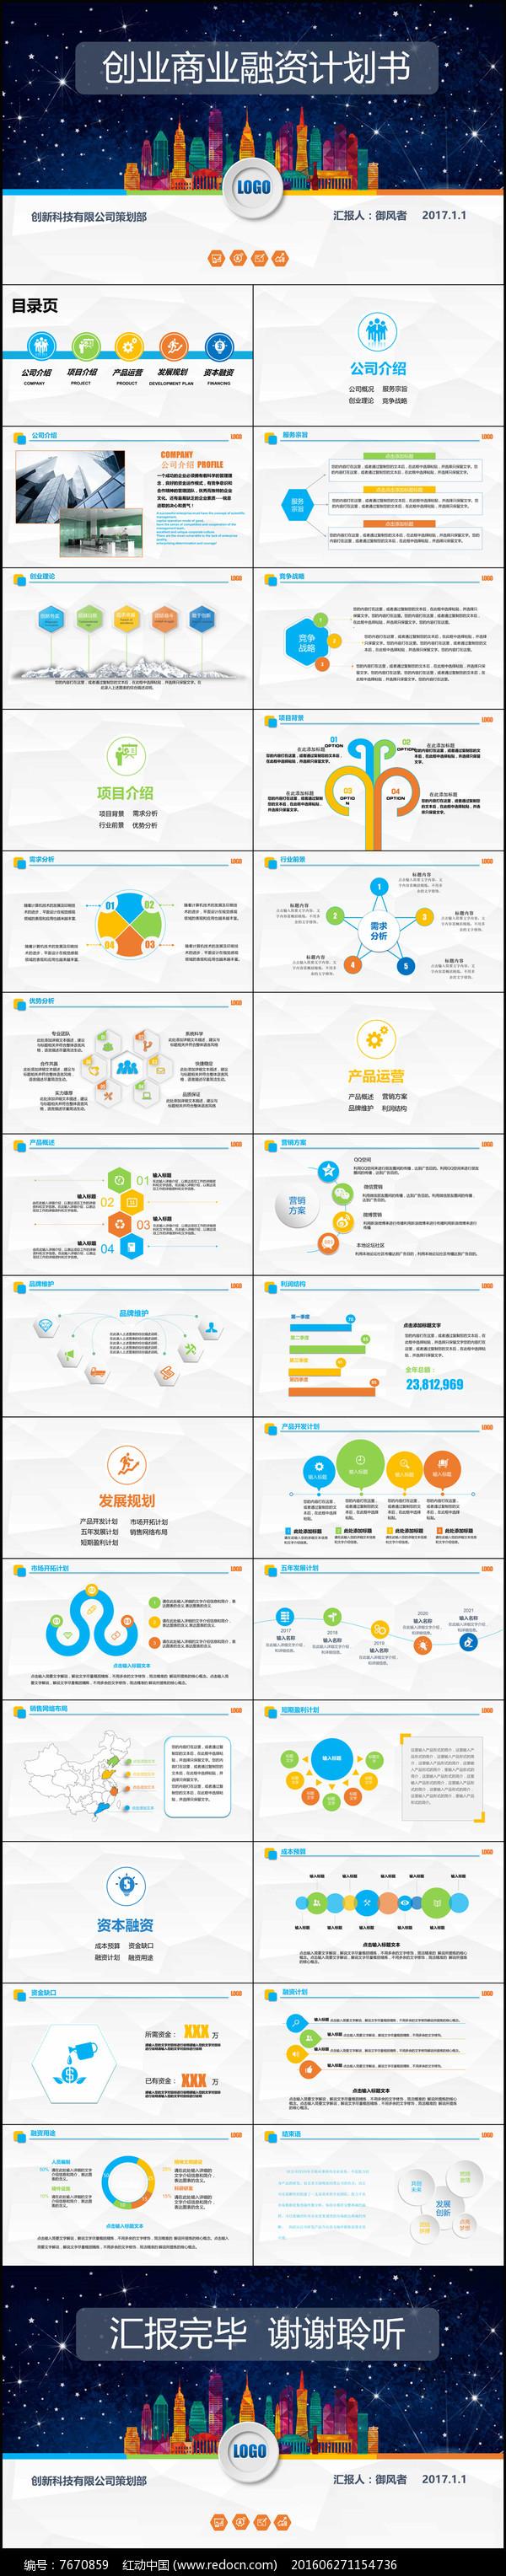 商业计划书营销策划书ppt模板下载图片